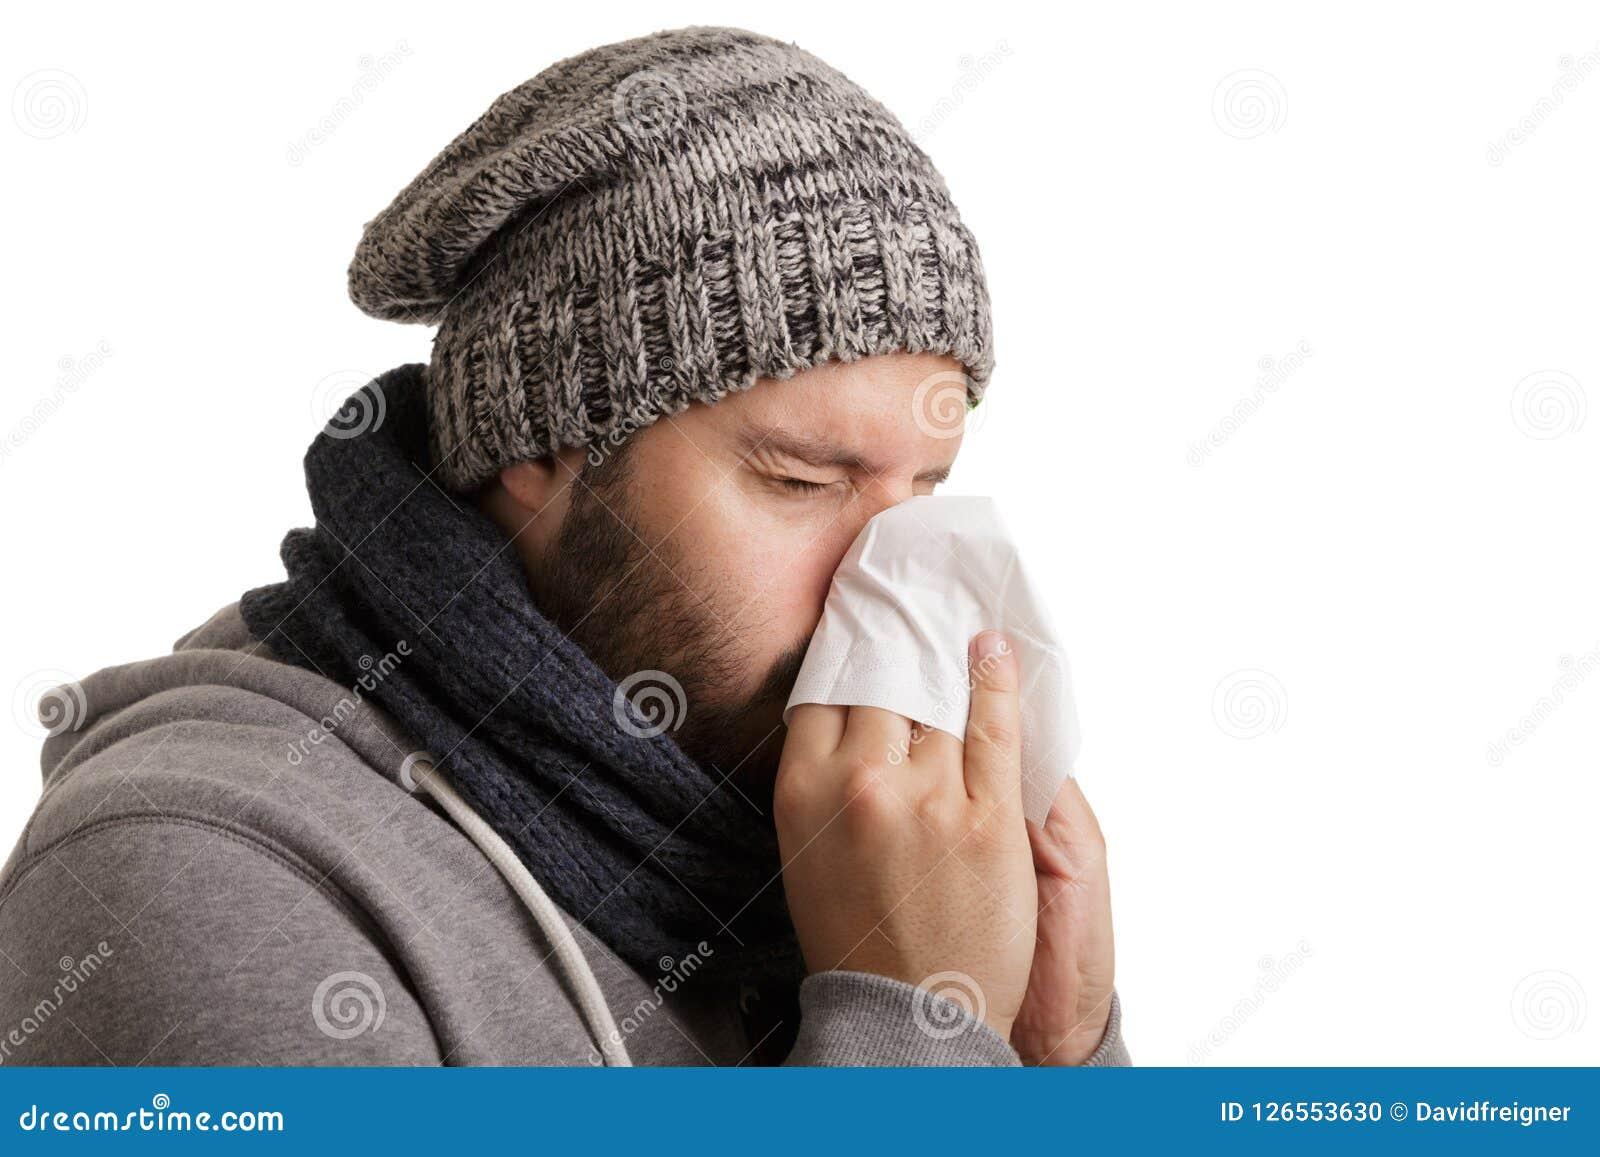 prix plancher code promo profiter du prix de liquidation Un Homme Dans L'horaire D'hiver Avec La Maladie Doit ...